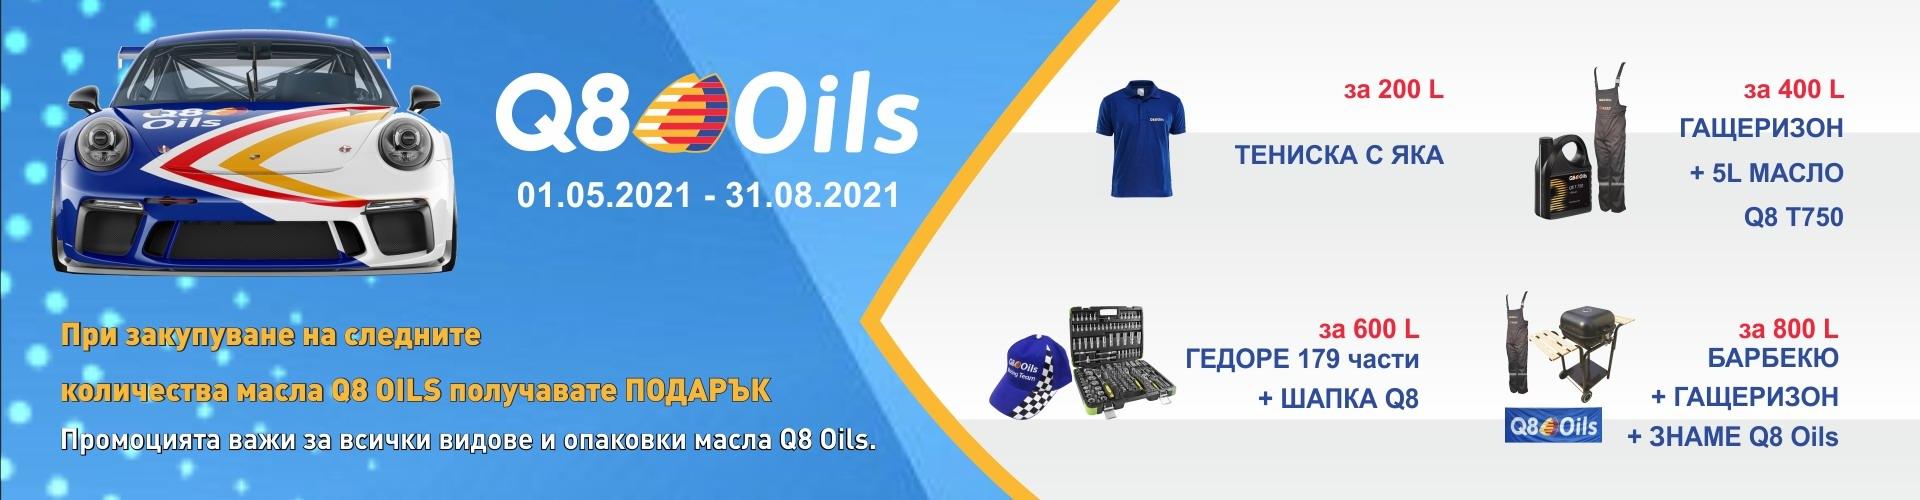 promo_q8oils_01.05.2021-31.08.2021_banner_.jpg